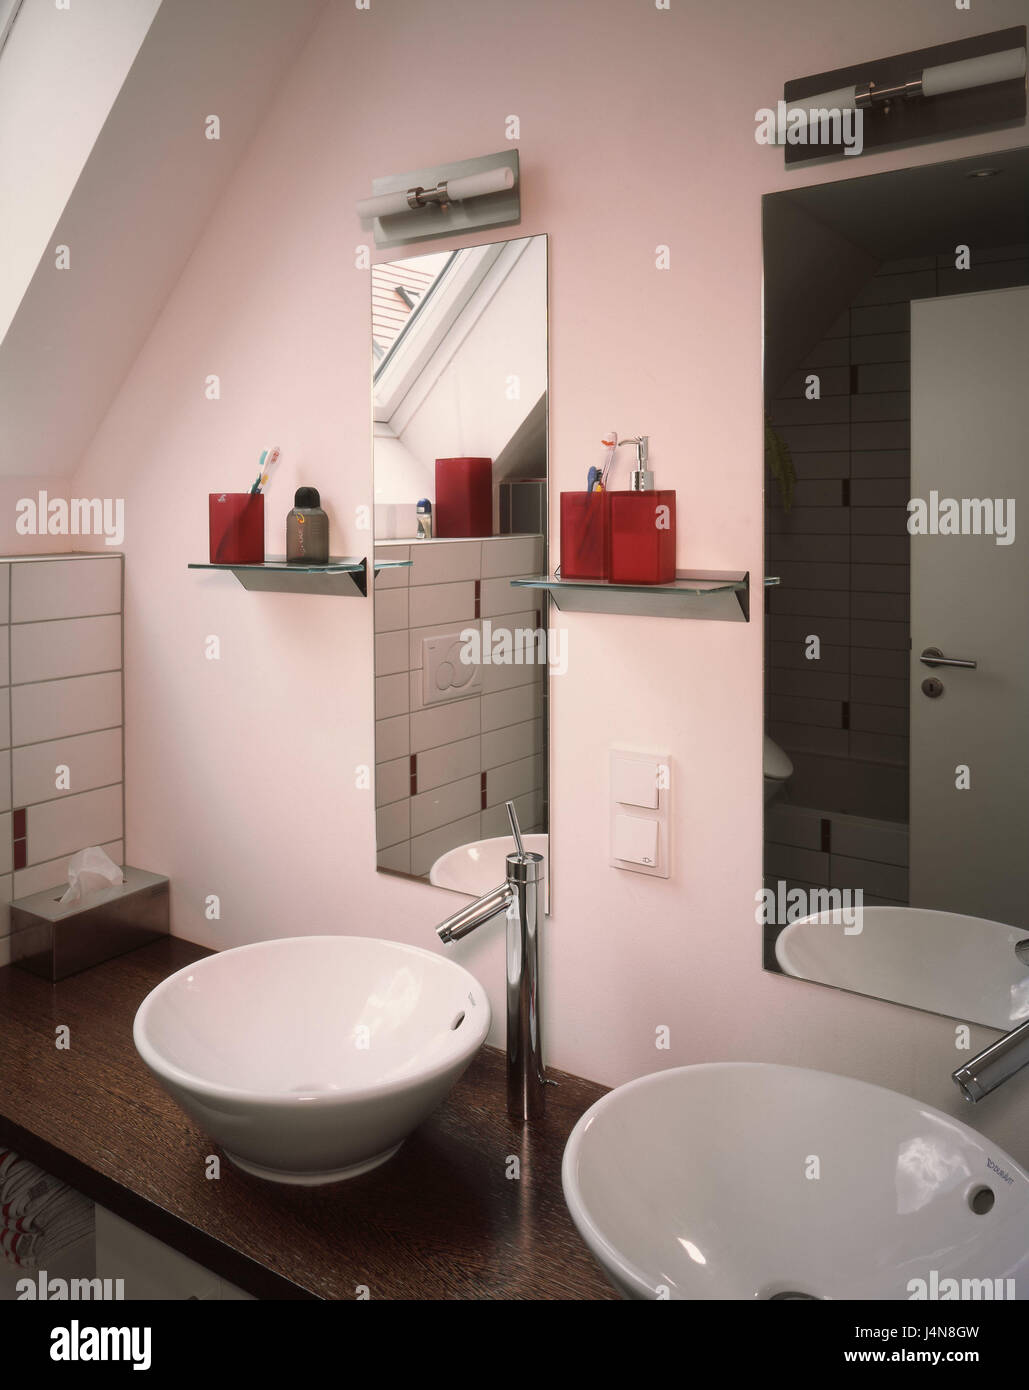 Innenaufnahme Detail Waschbecken Badezimmer Bad Innen